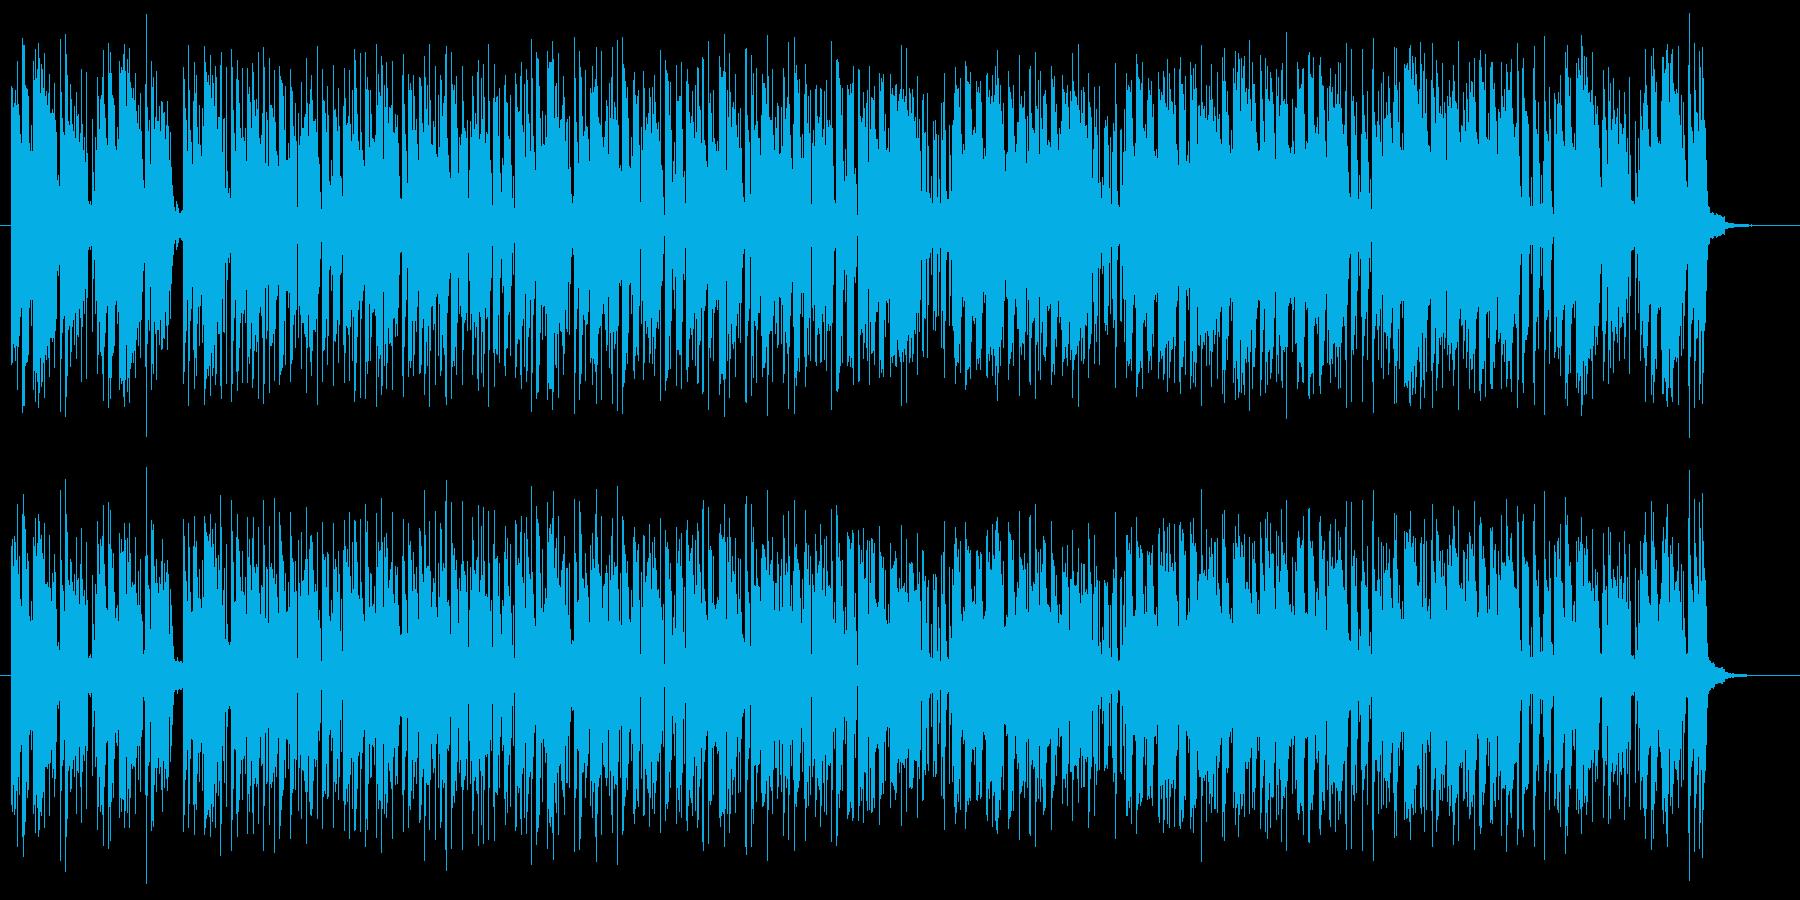 ポップでミディアムテンポなシンセサウンドの再生済みの波形